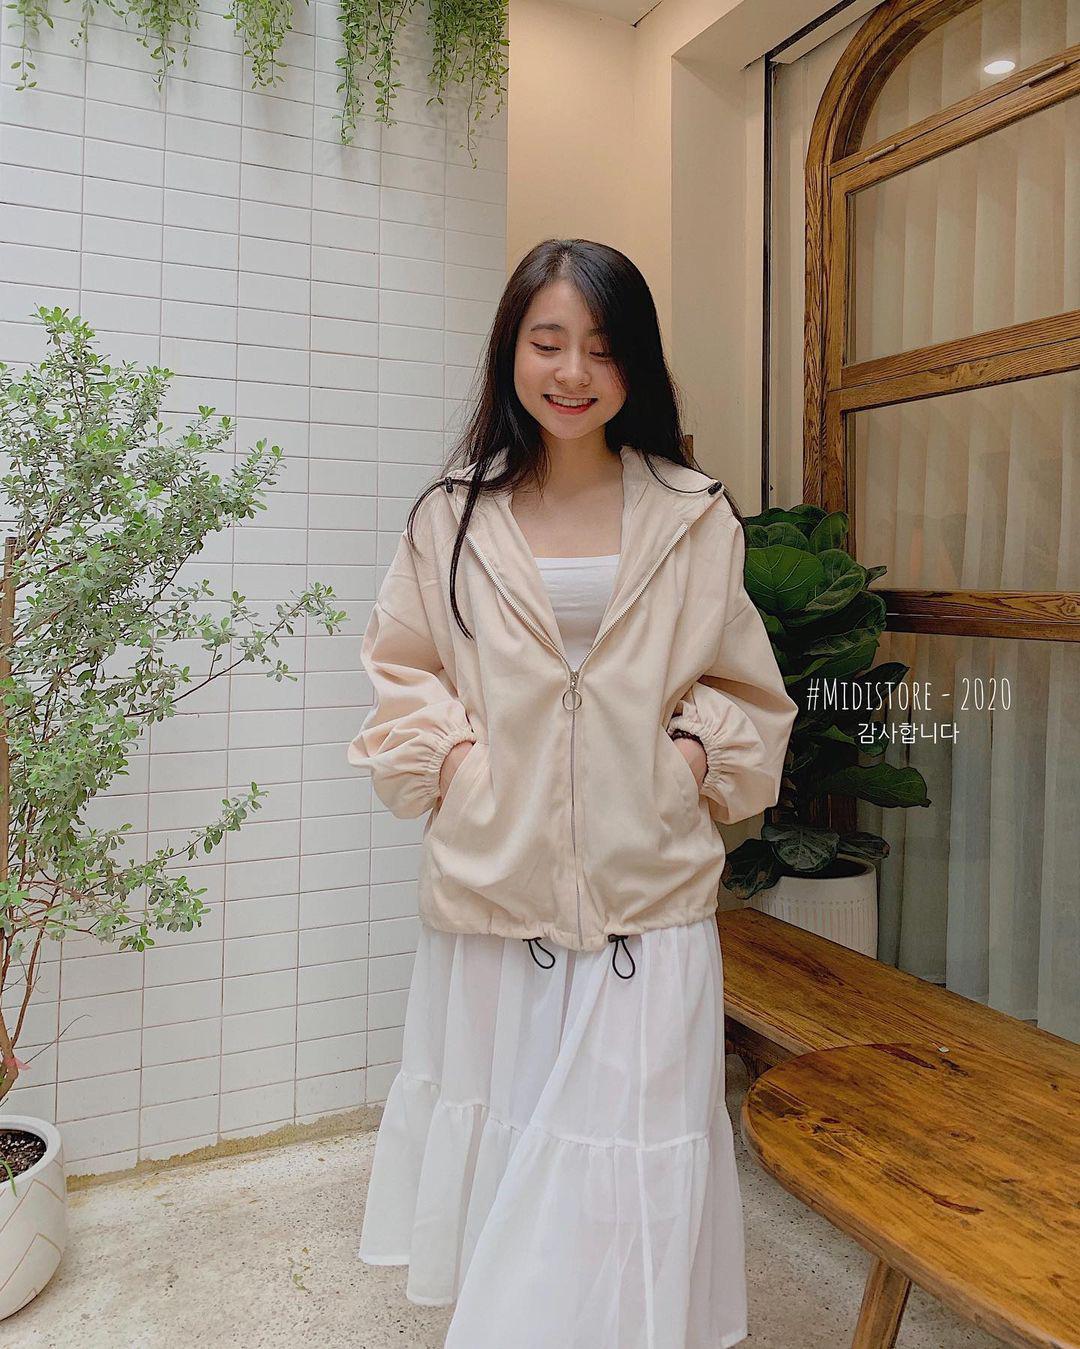 Sắm áo màu be, style của bạn chỉ có thanh lịch như gái Pháp hoặc sang xịn như gái Hàn trở lên  - Ảnh 12.